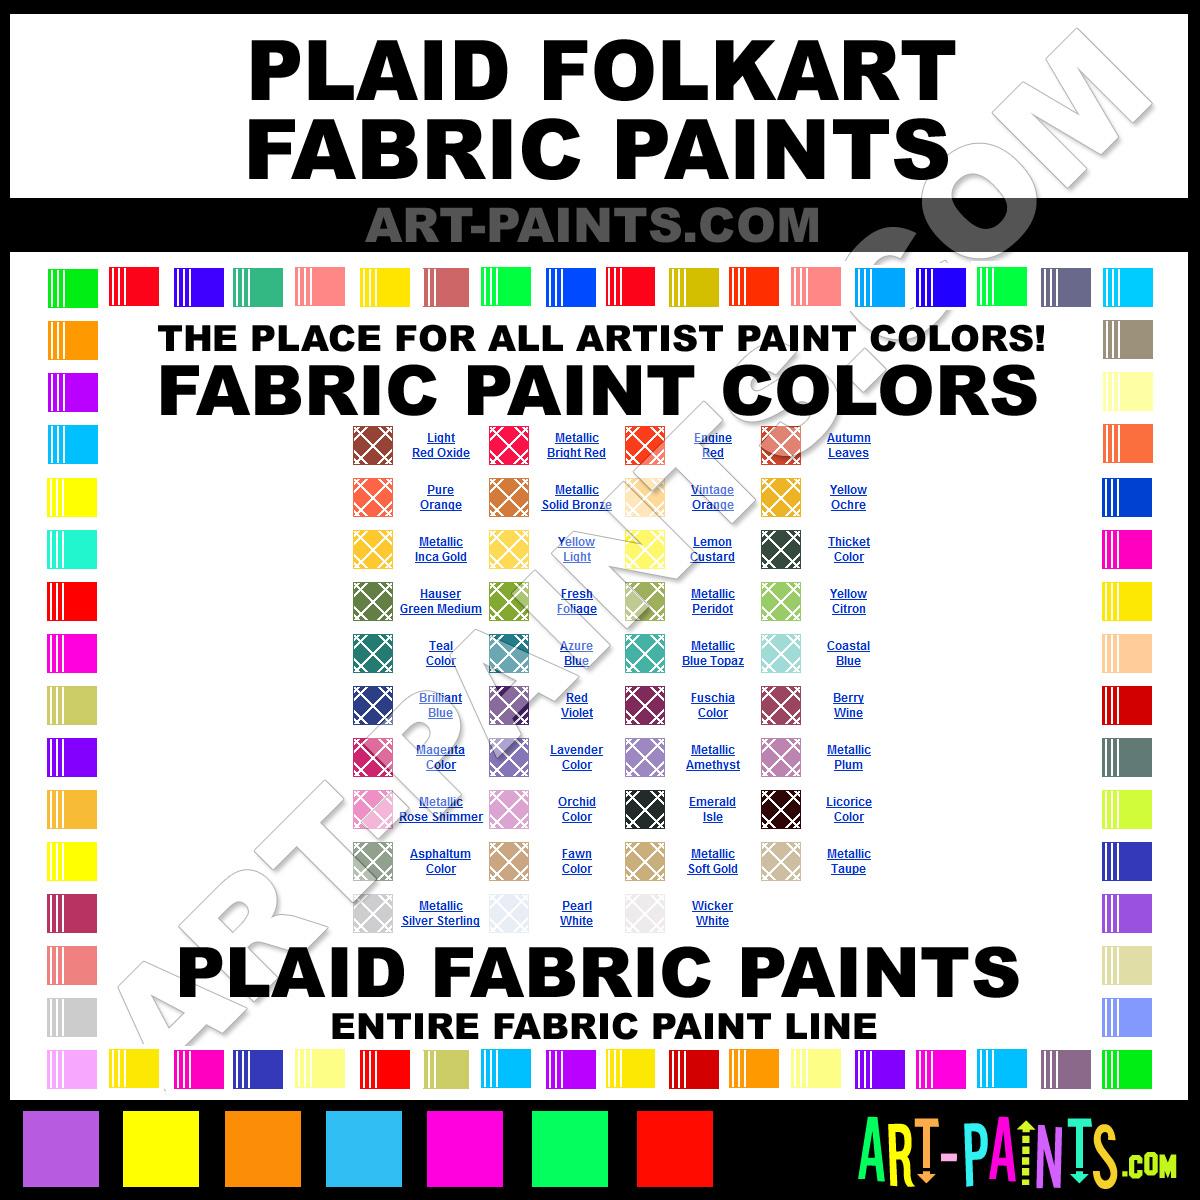 Folk art color chart acrylic paint - Fawn Paint 4410 By Plaid Folkart Paints